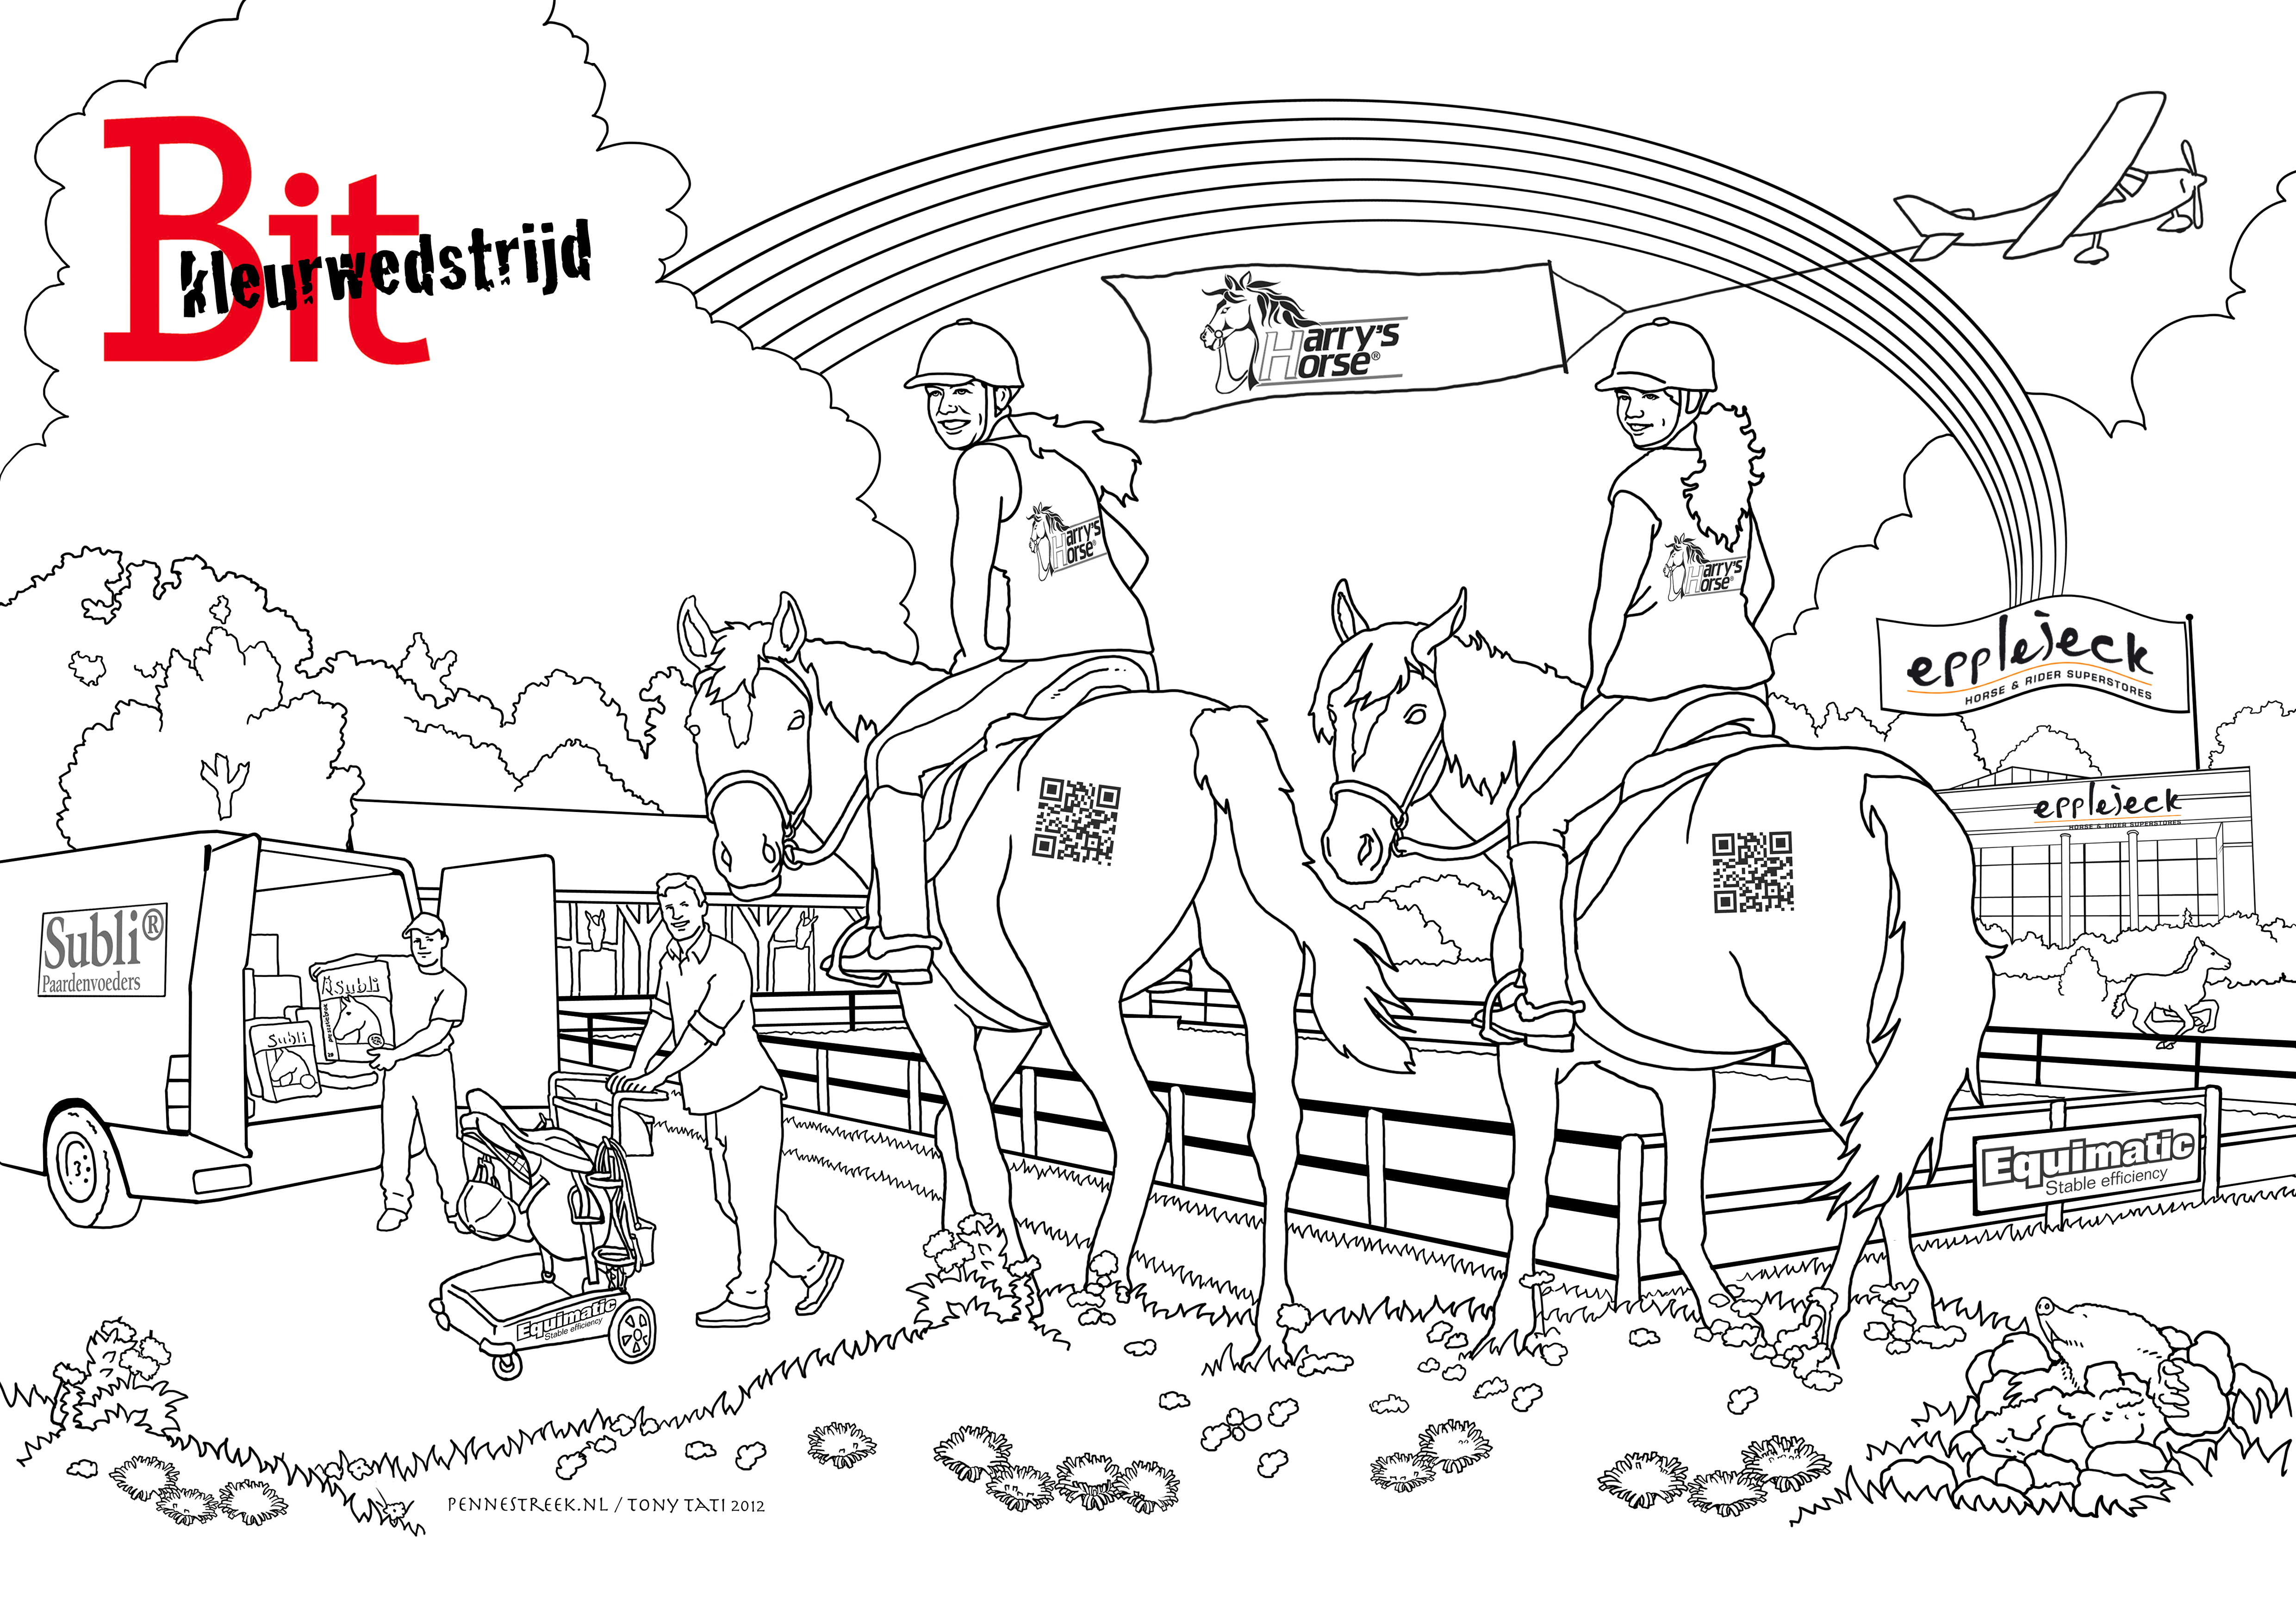 Kleurplaat Dressuur Wedstrijd Paard Kleurplaat Dressuur Wedstrijd Paard De Site Welkom